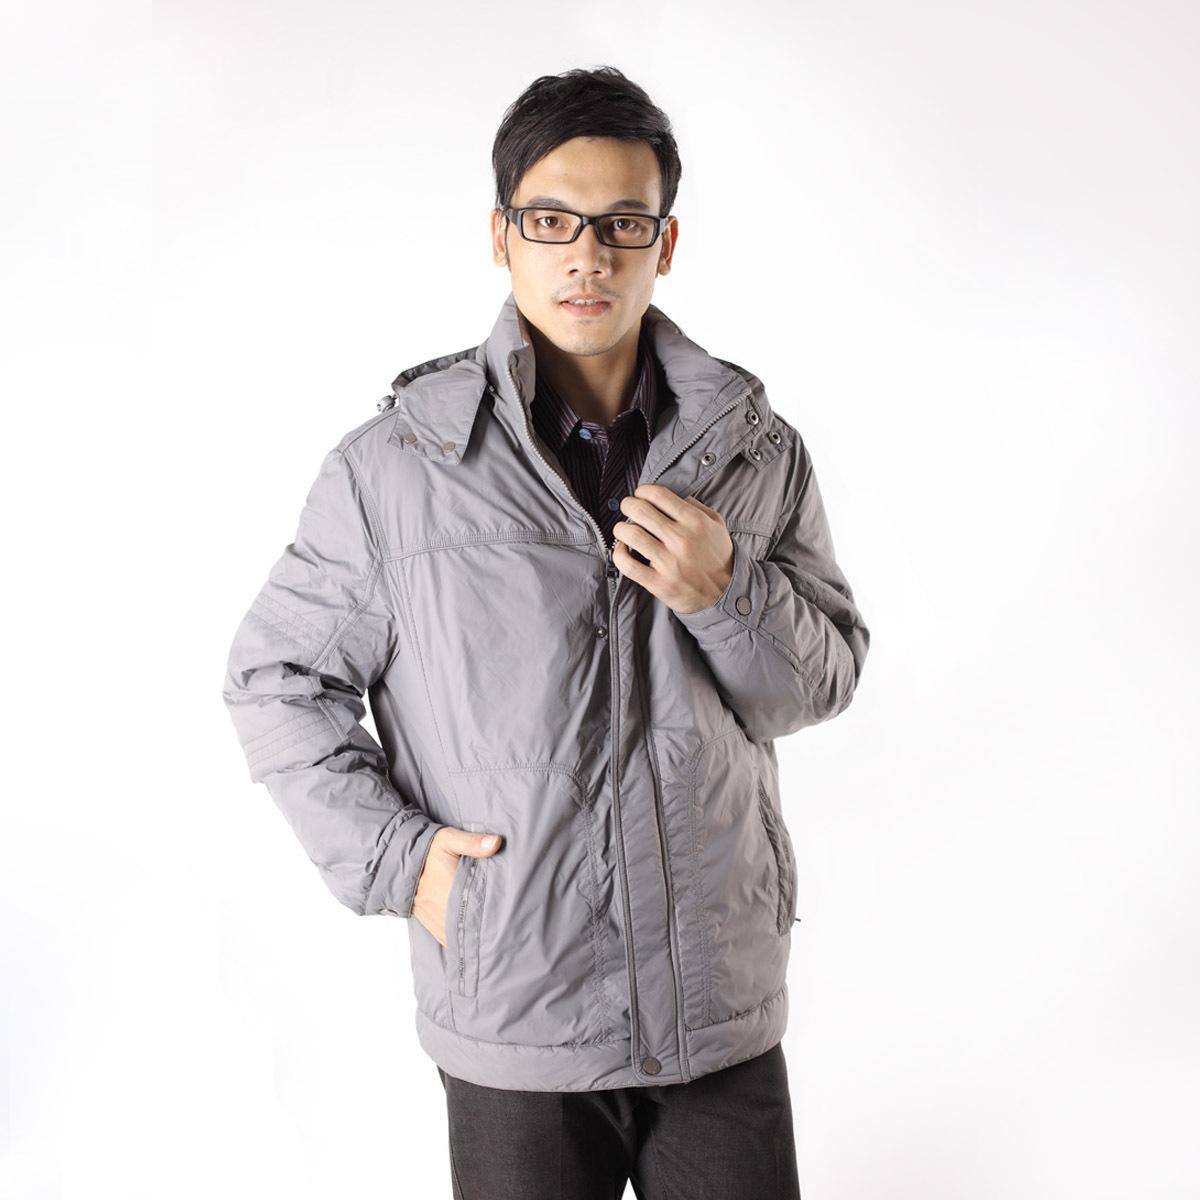 Пуховик мужской Peng 307417 -307409 890 Серый лебяжий пух Средней длины (длина одежды равна длине рукава+-3 см) Тонкая модель